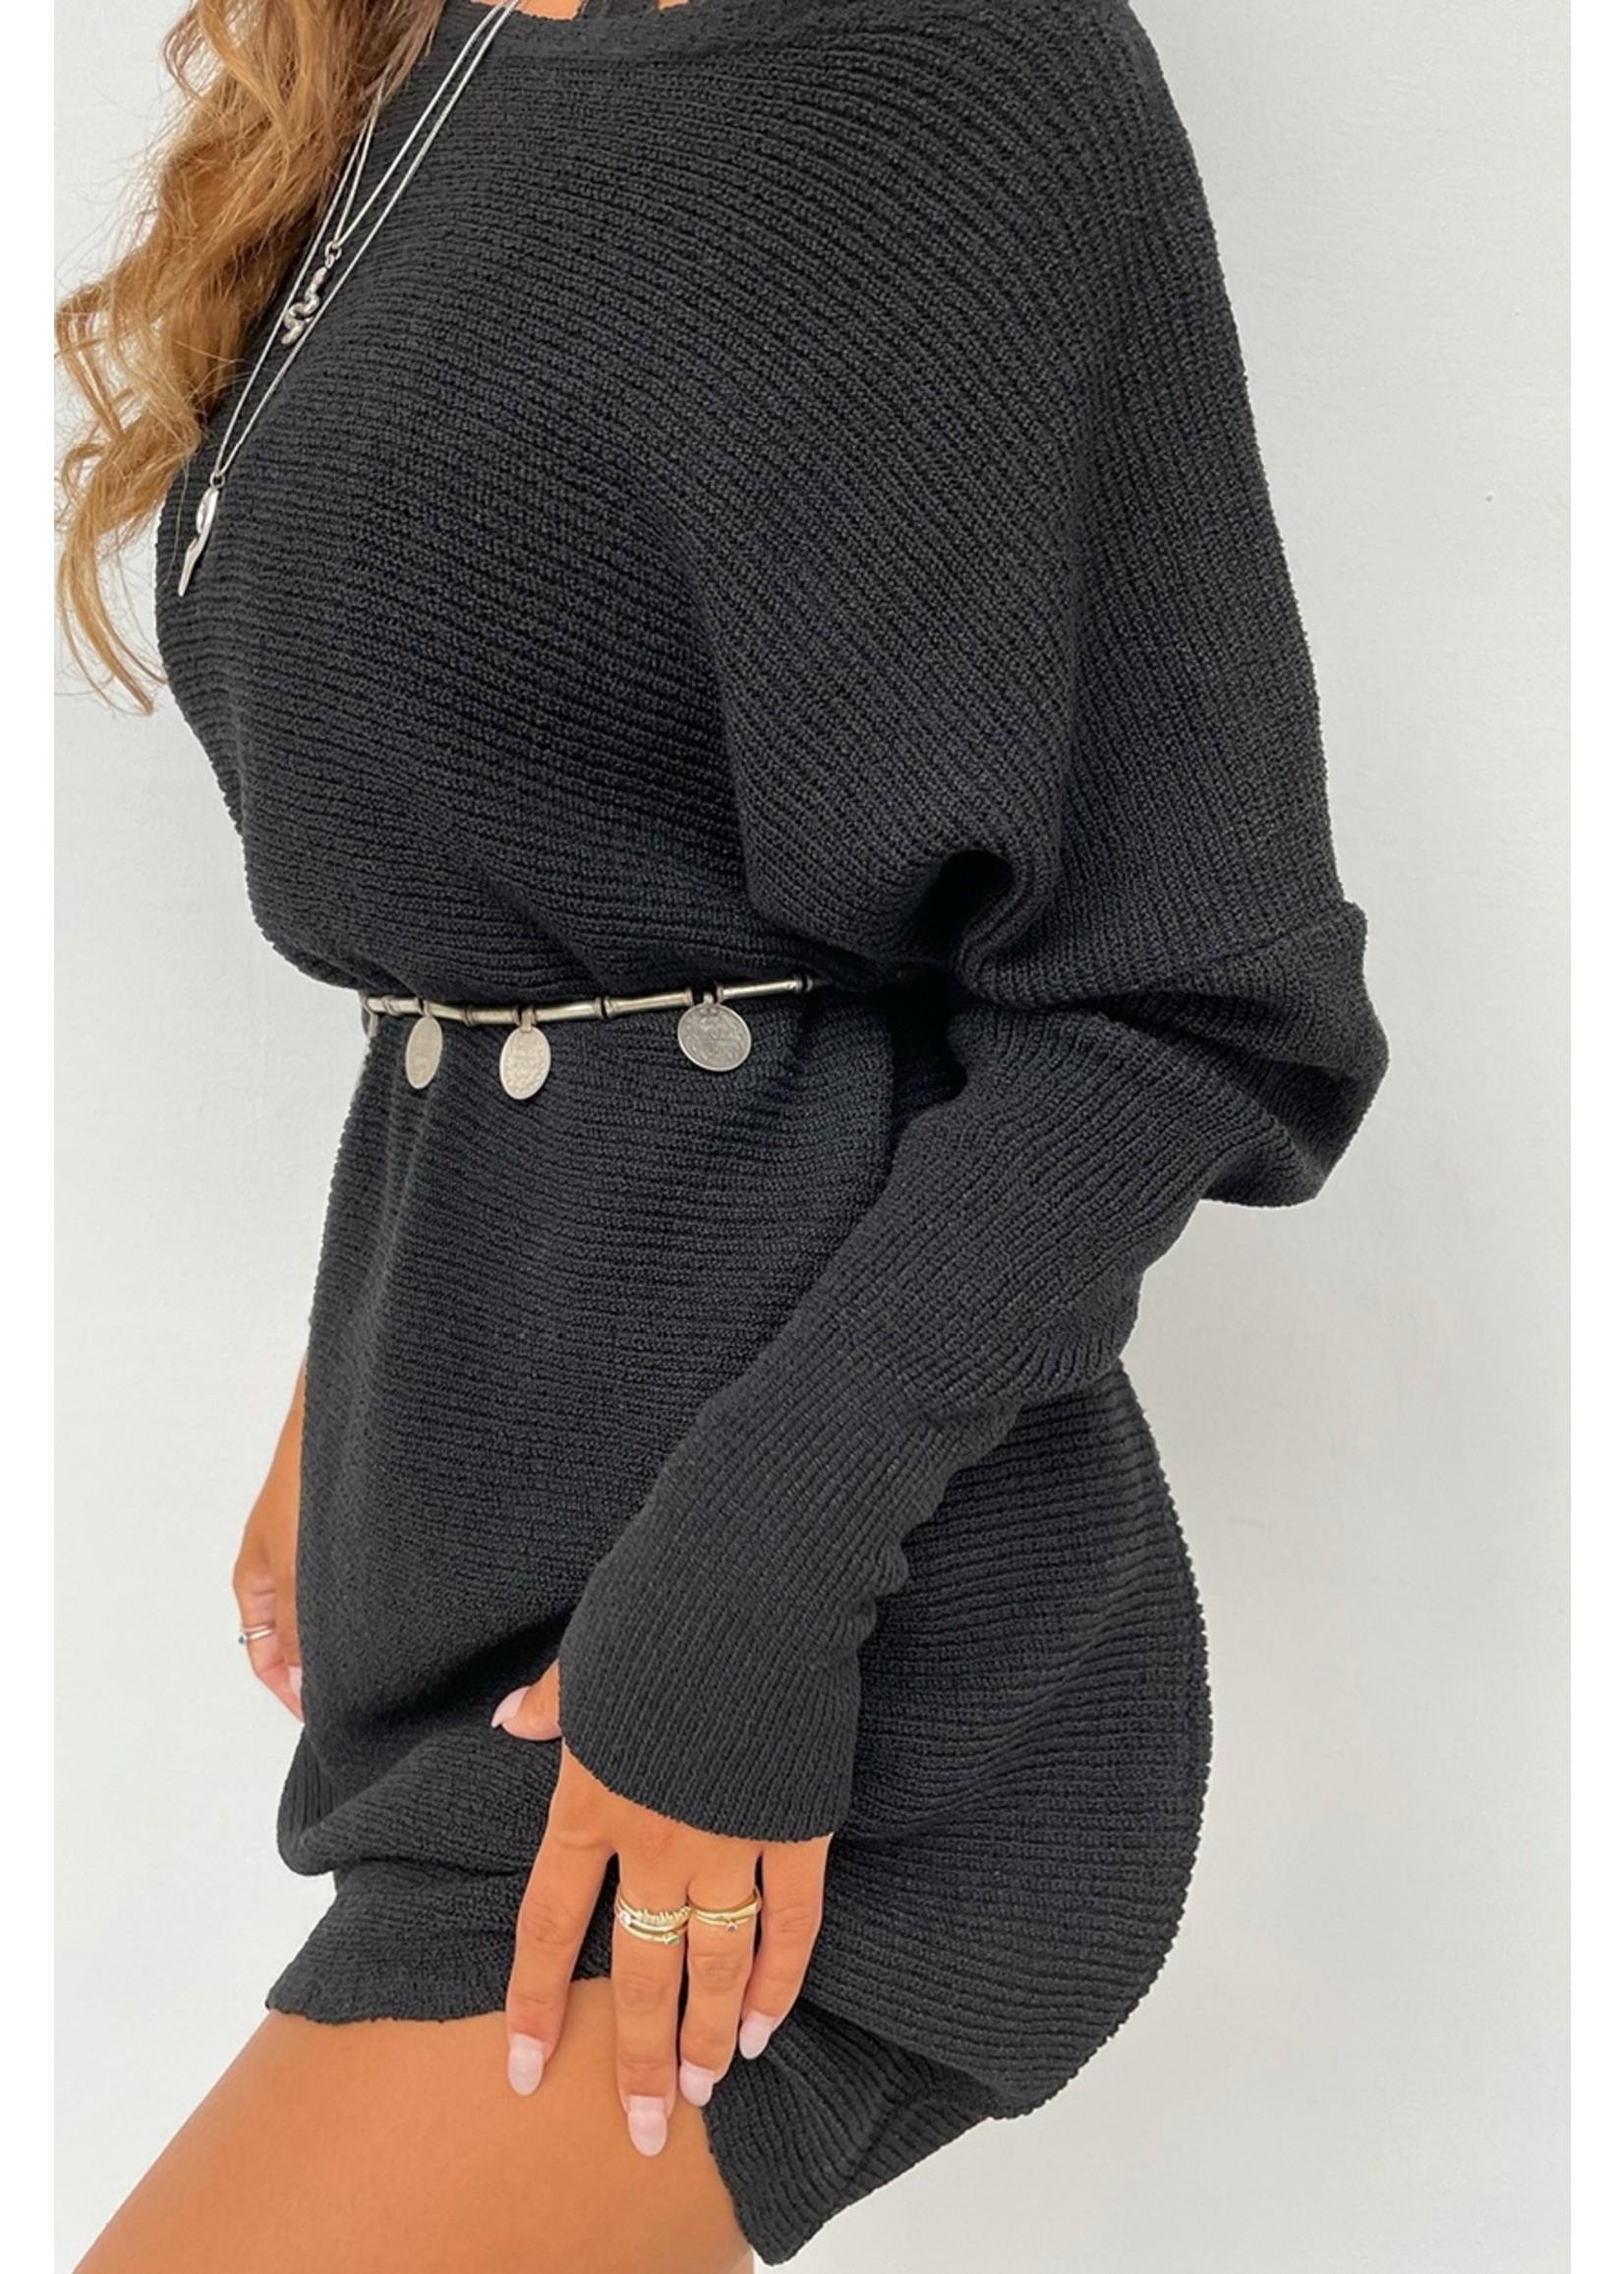 Moost Wanted Nola Knitted Dress ZWART